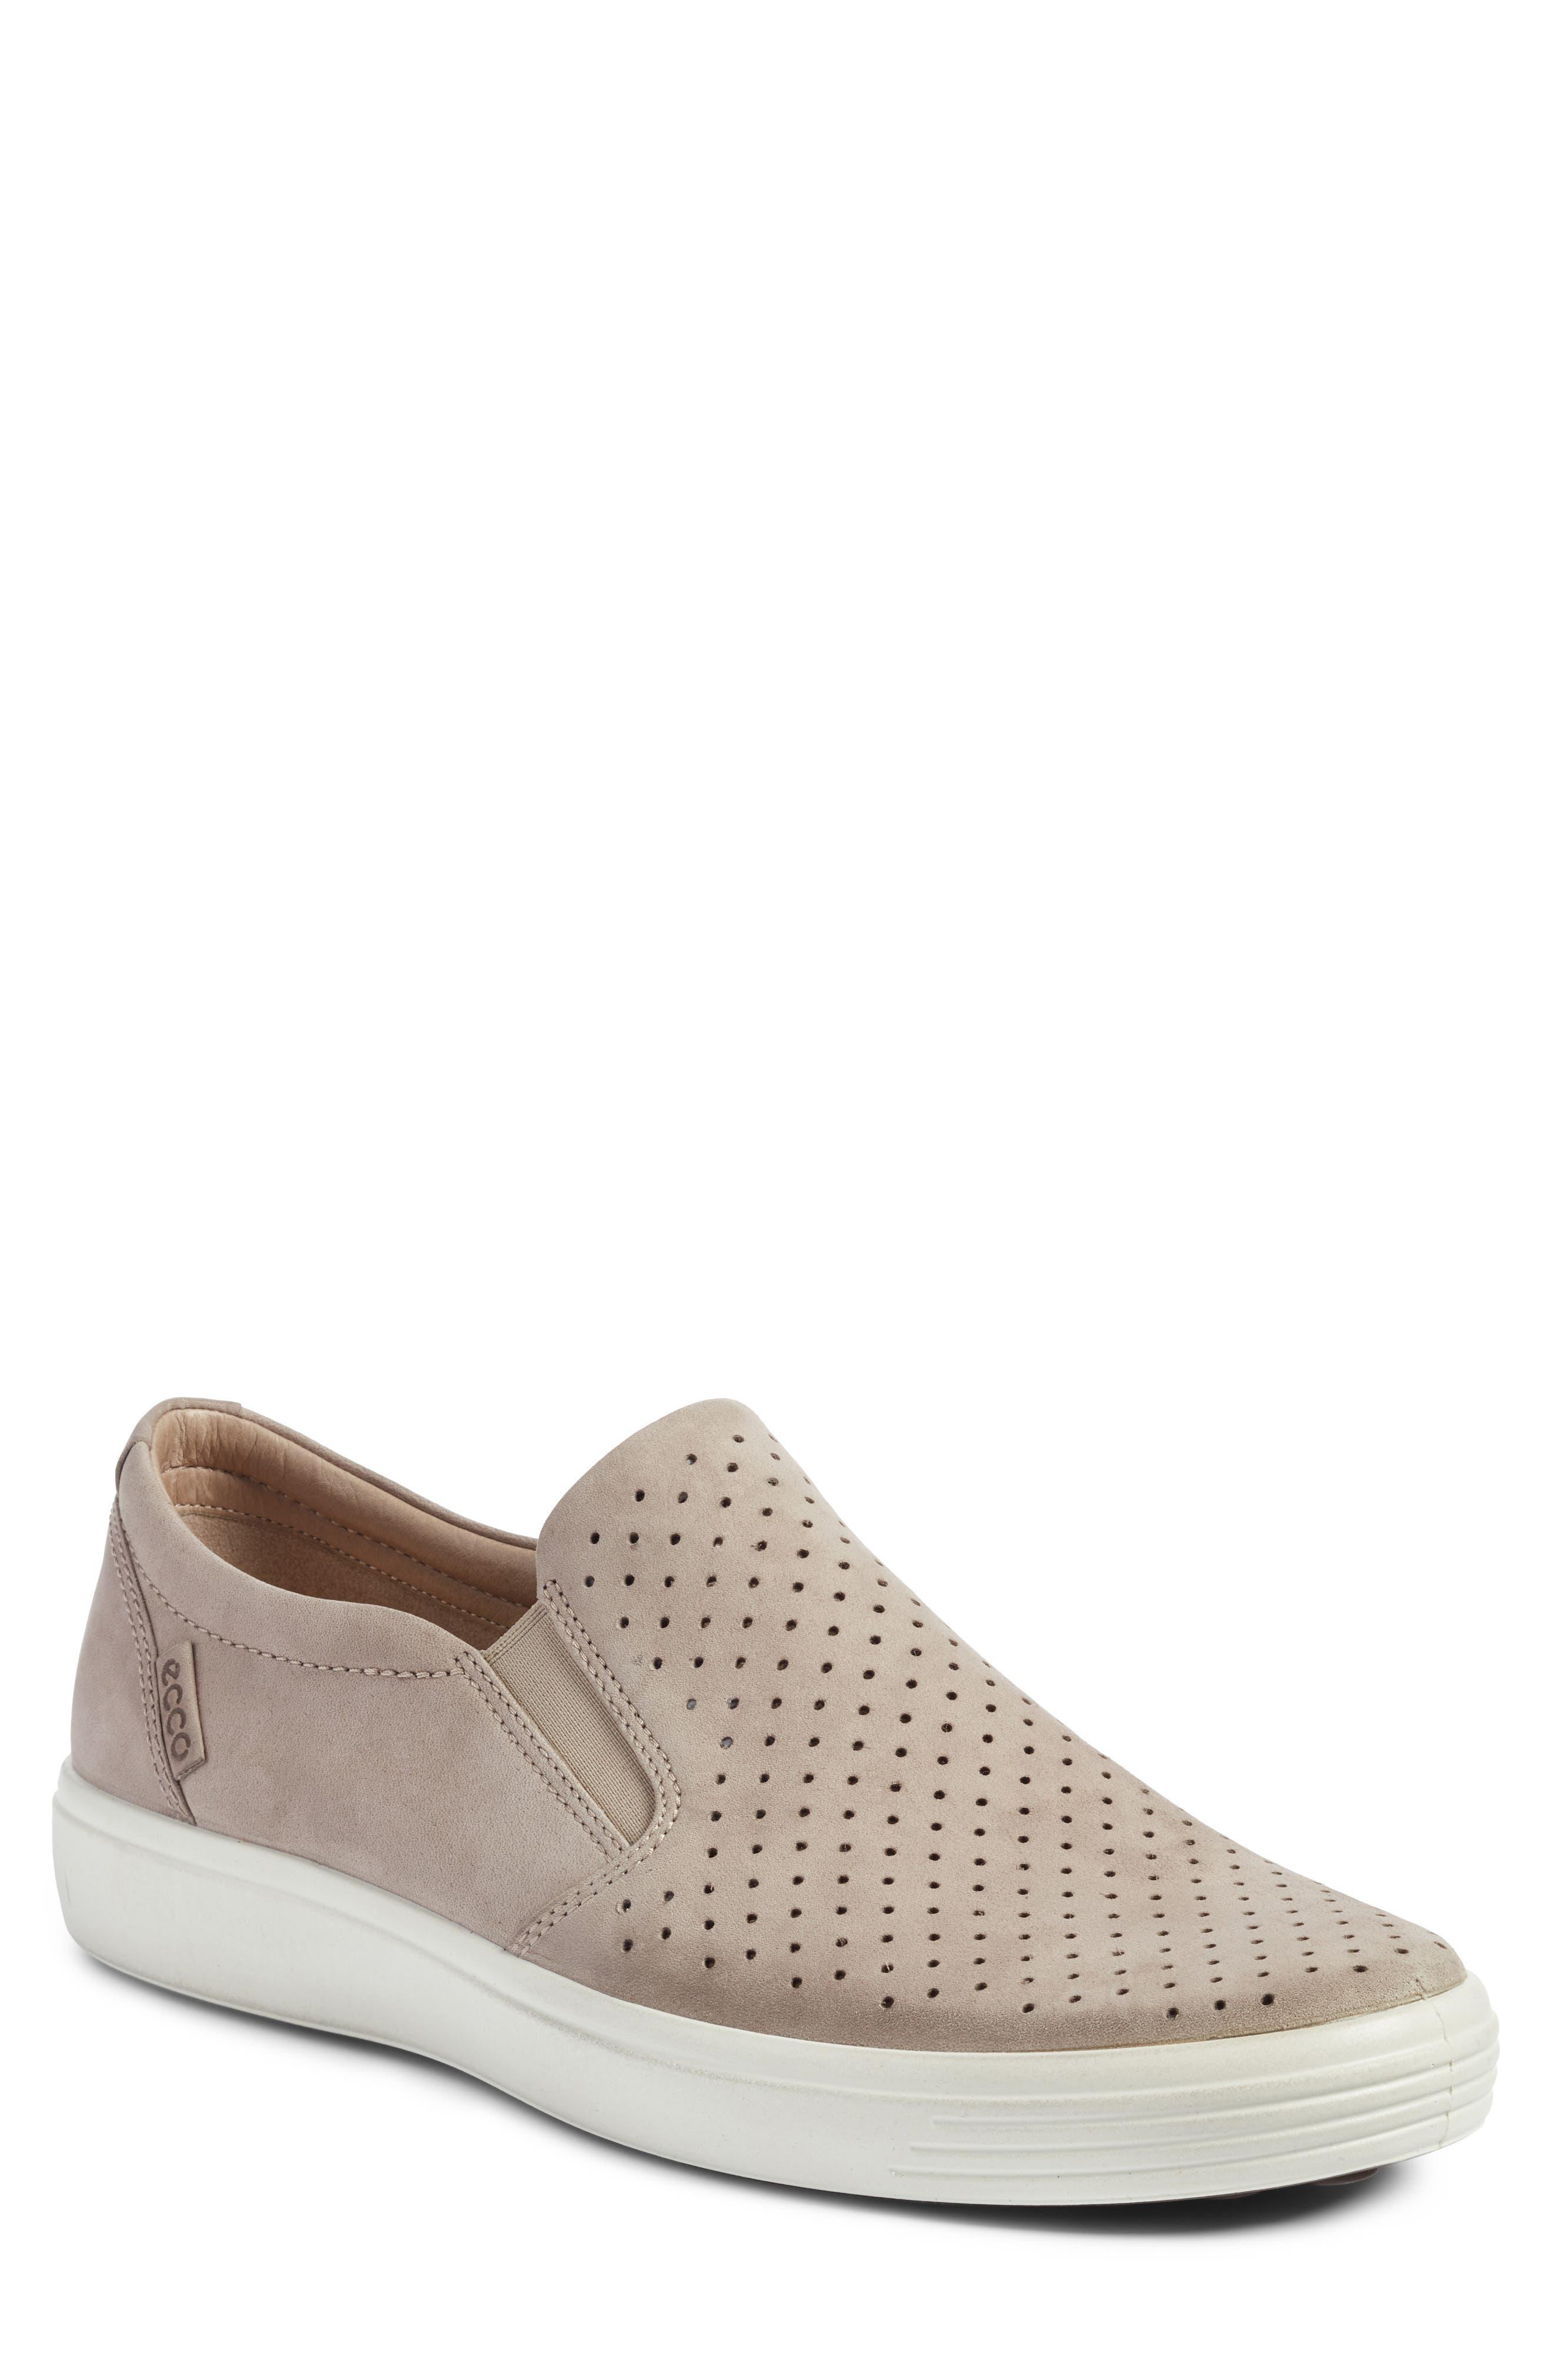 ECCO | Soft 7 Retro Slip-On Sneaker